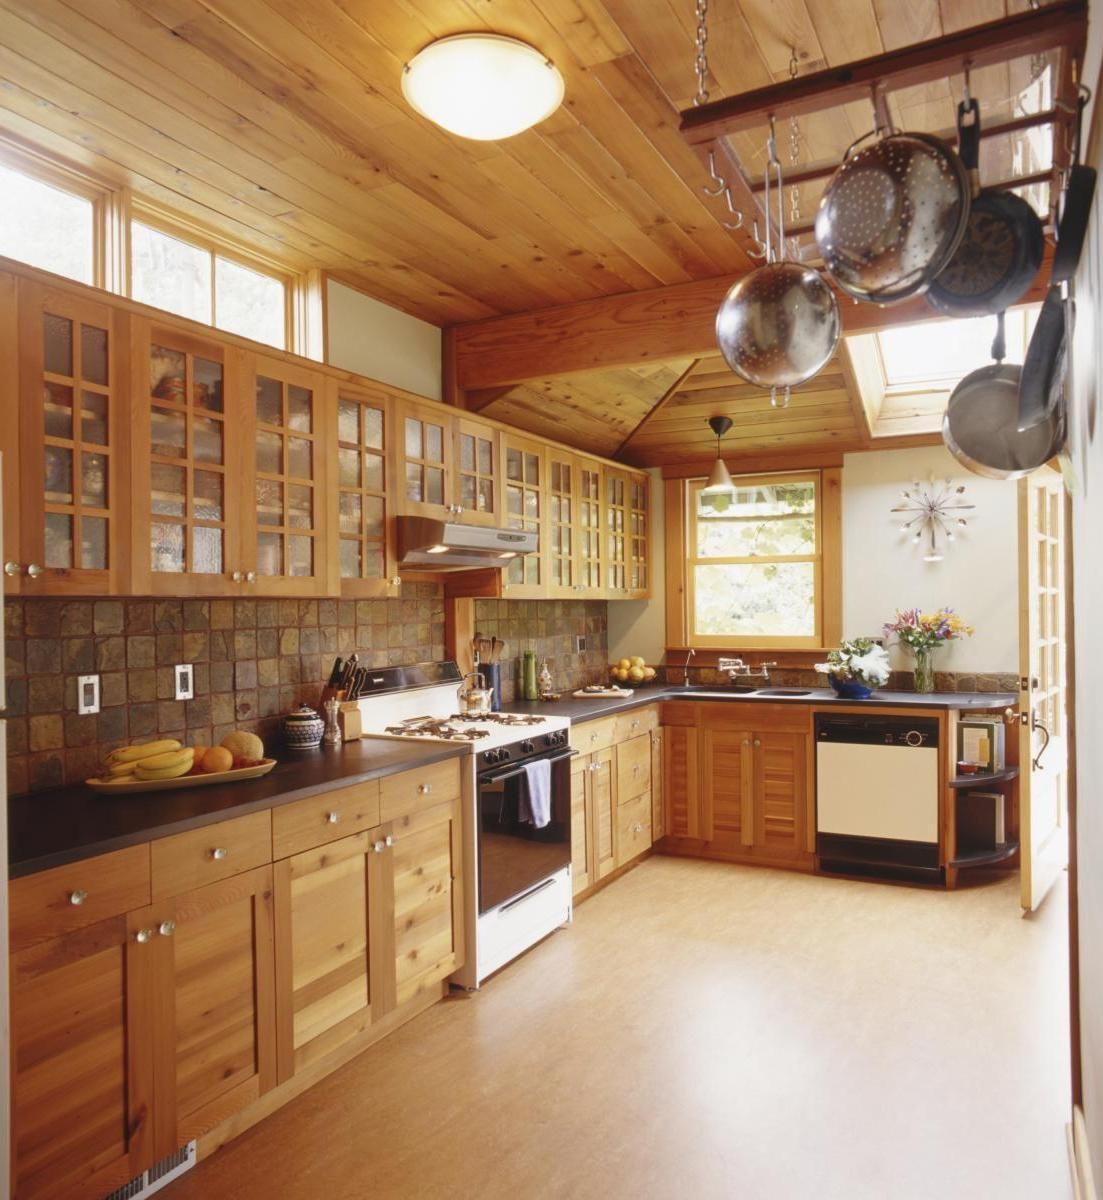 Portland Eco Kitchen Remodel (Cultivate.com) | kitchen designs ...